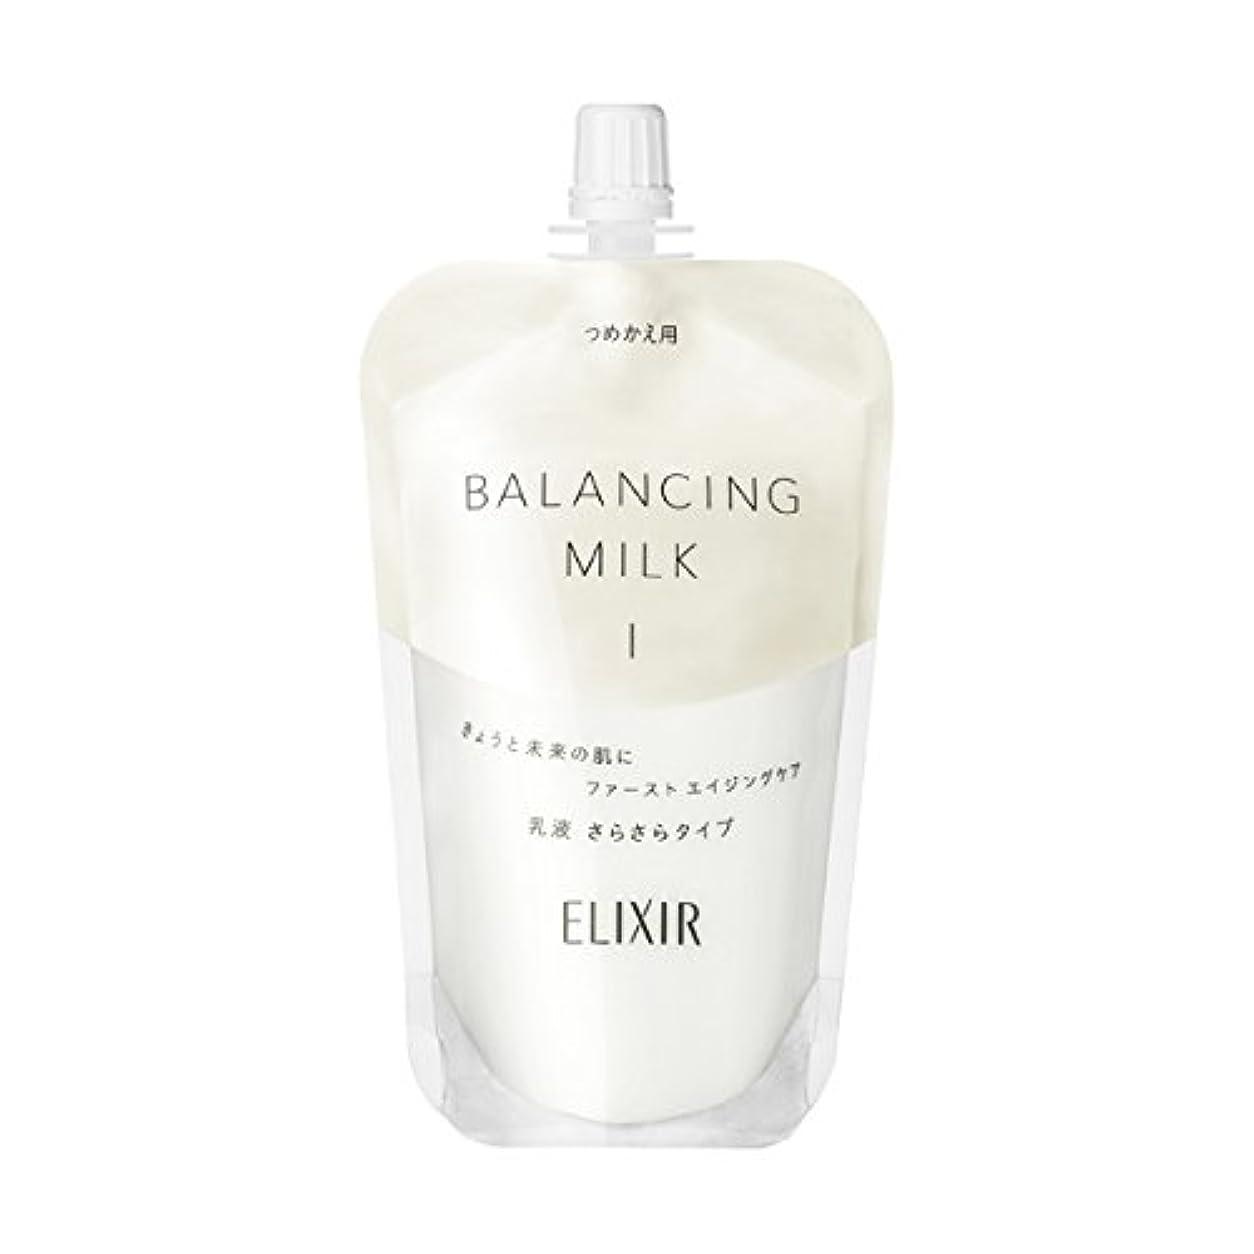 リダクター裕福なロビーエリクシール ルフレ バランシング ミルク 乳液 1 (さらさらタイプ) (つめかえ用) 110mL